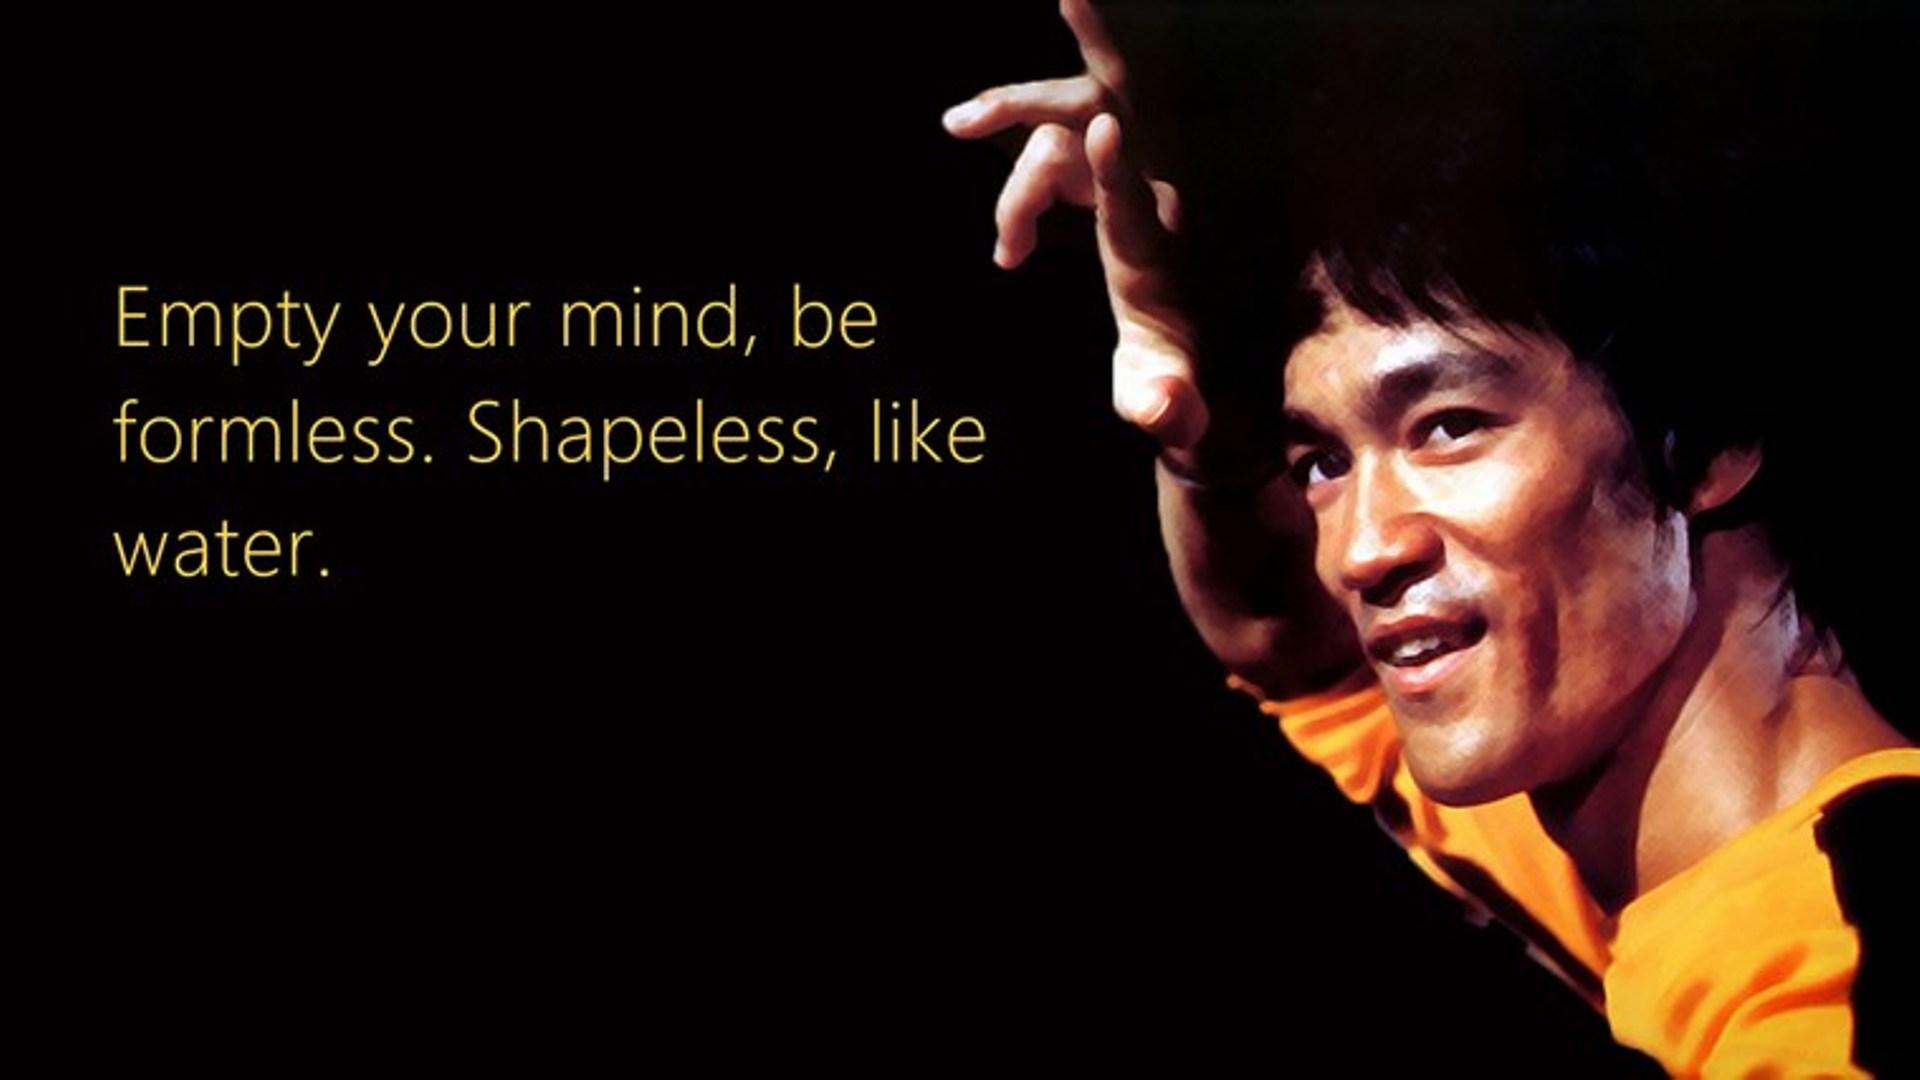 Bruce Lee Wallpapers HD | PixelsTalk Net